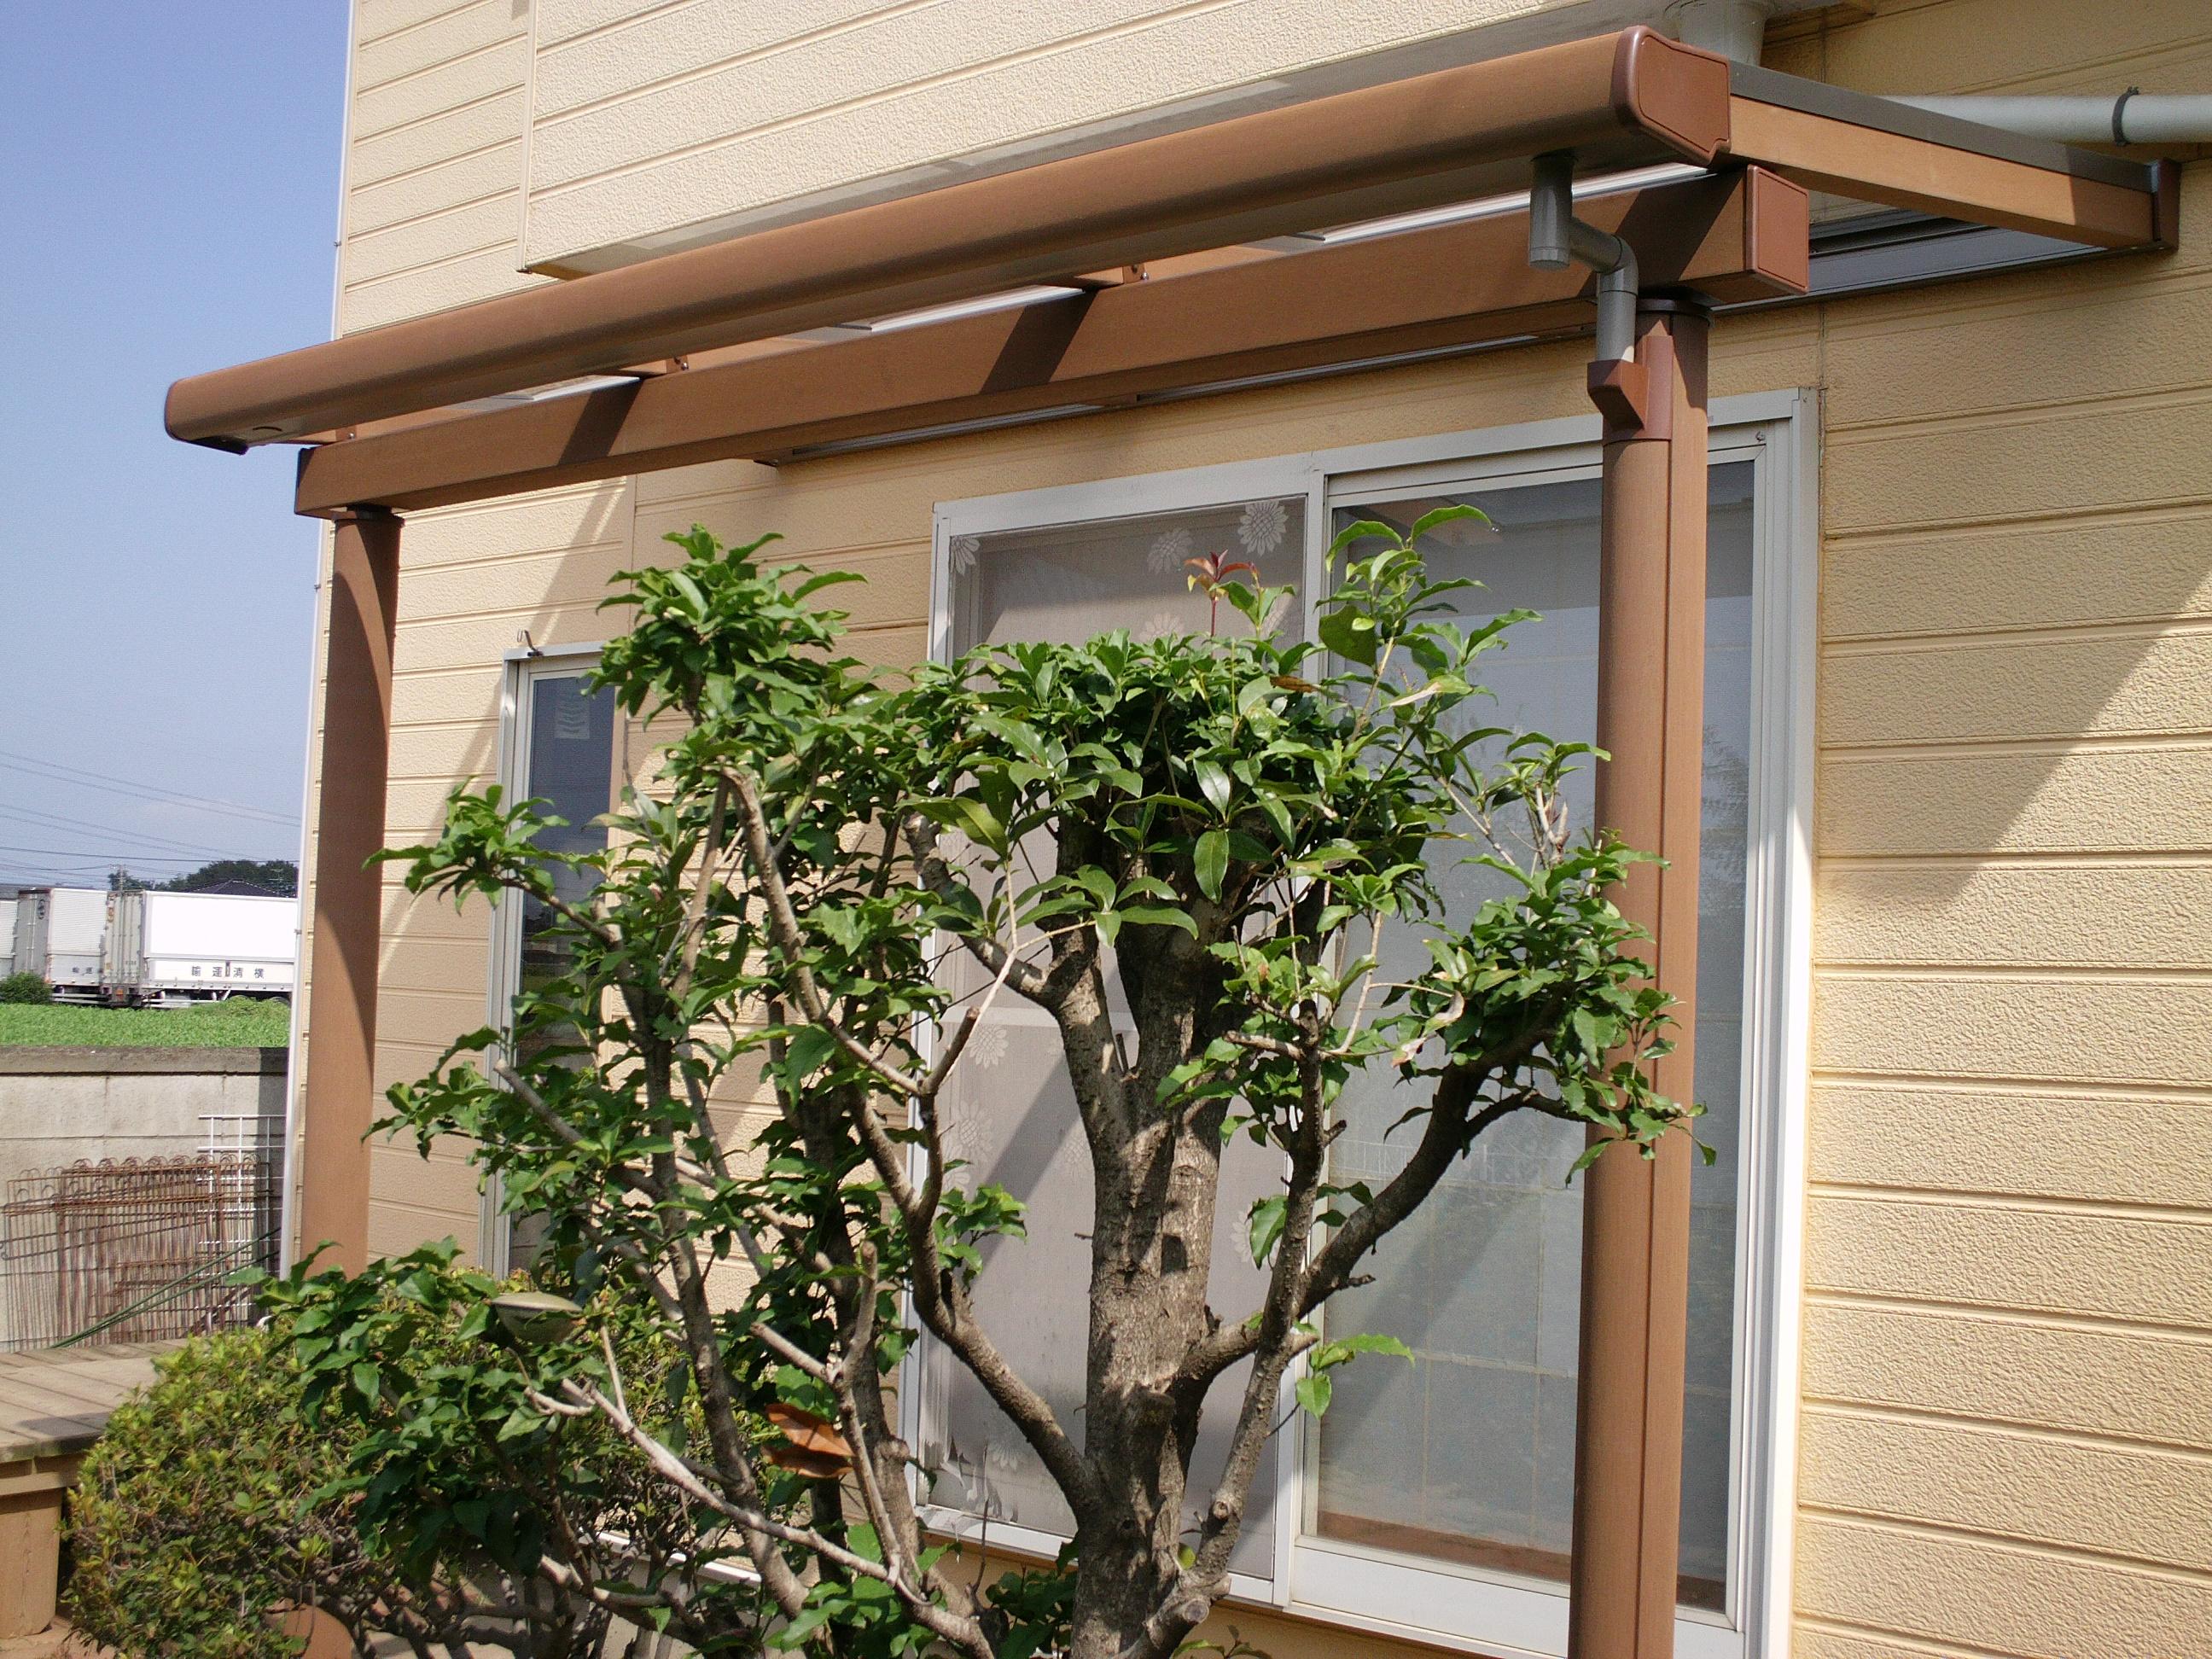 少し庭木を整理し、テラス屋根を設置しました。雨風も心配なく洗濯を干すことができ、部屋干しの必要がなくなりすっきりとしました。